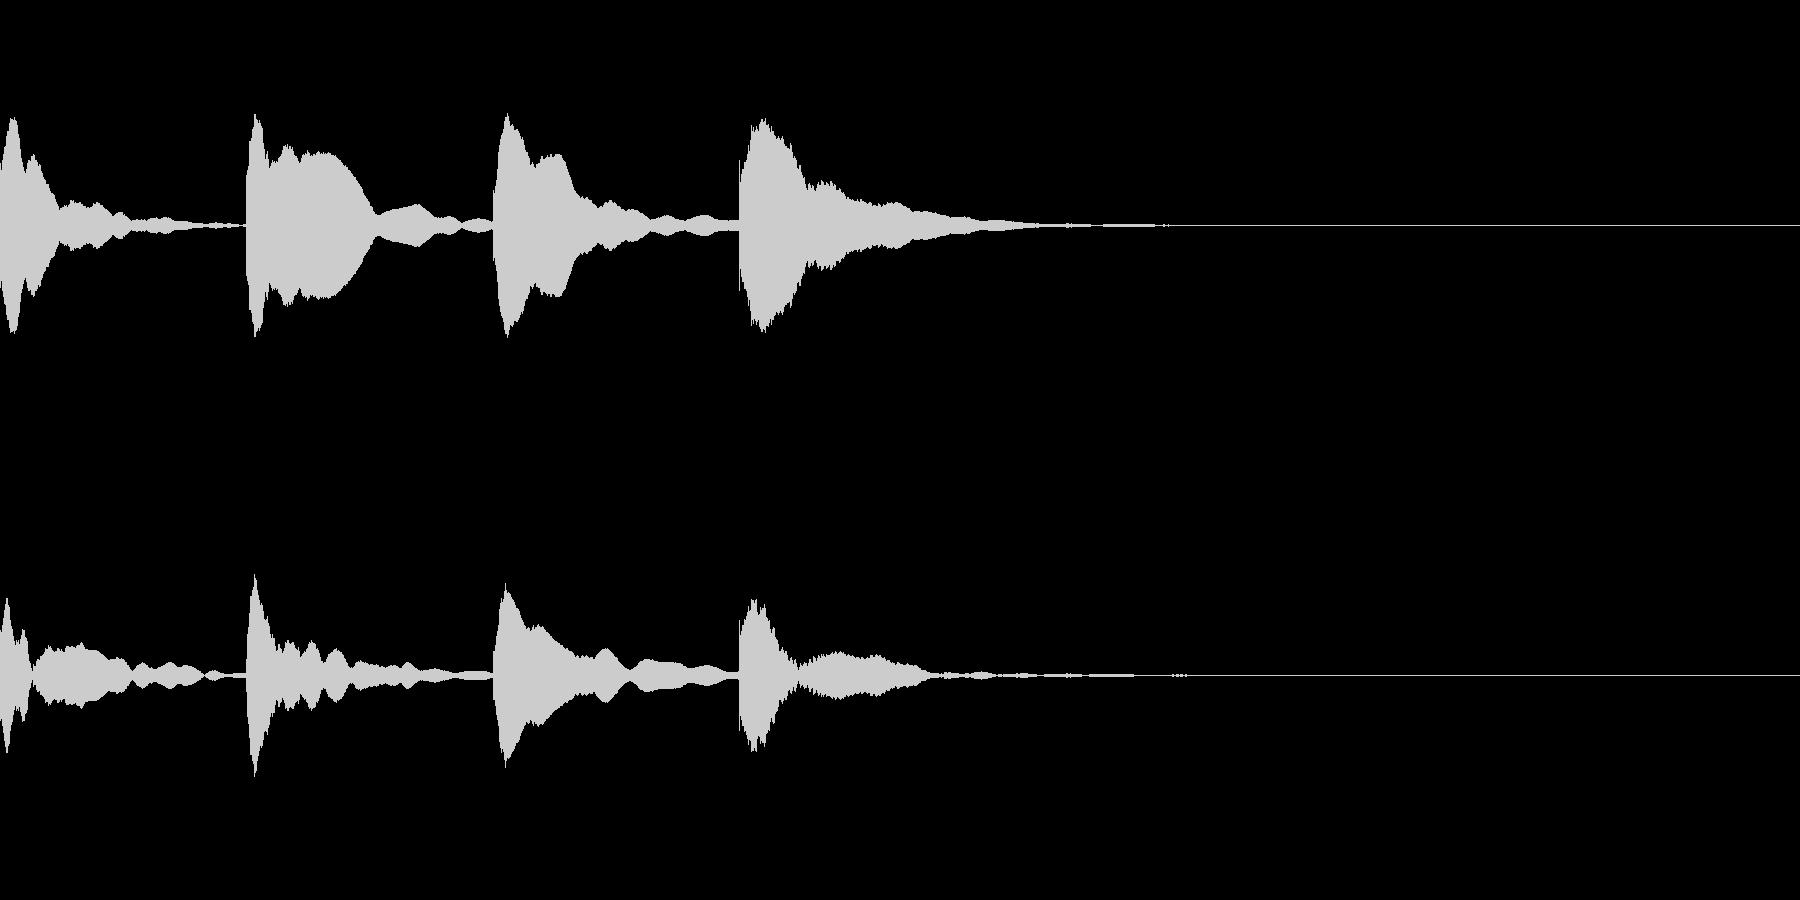 お知らせ・アナウンス音D下降(遅め)03の未再生の波形